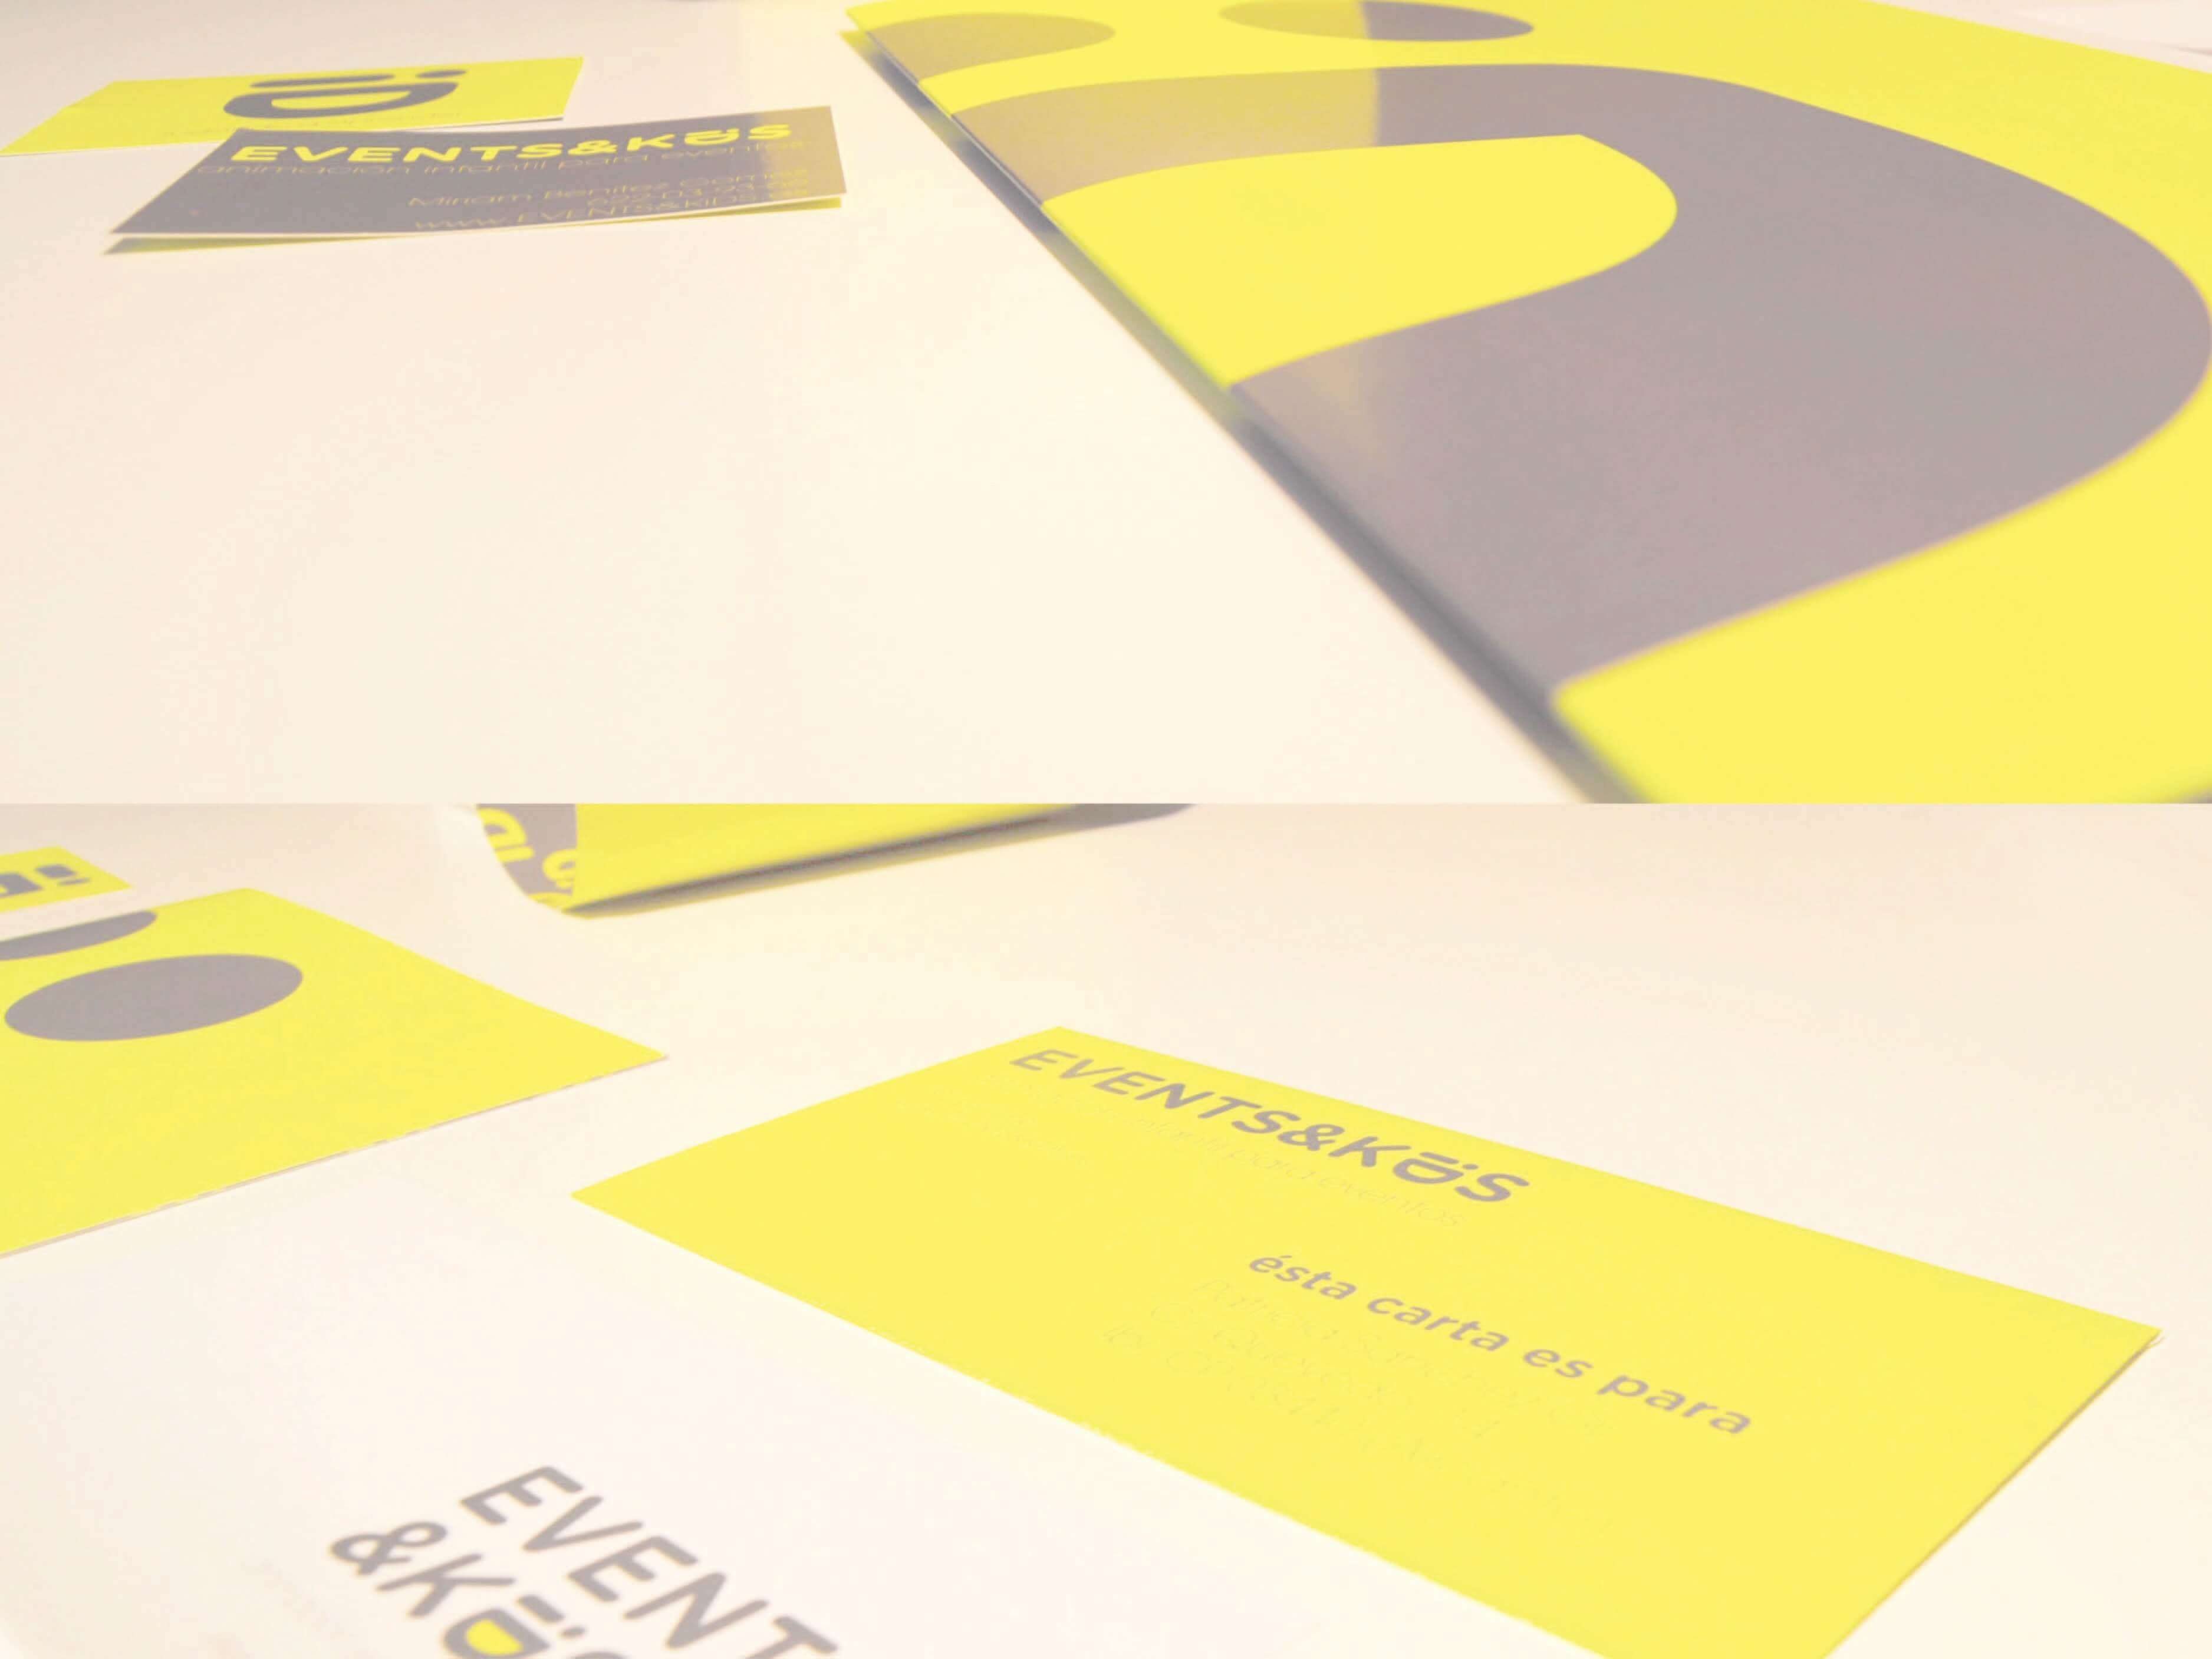 Trabajos curso diseño gráfico en Elche